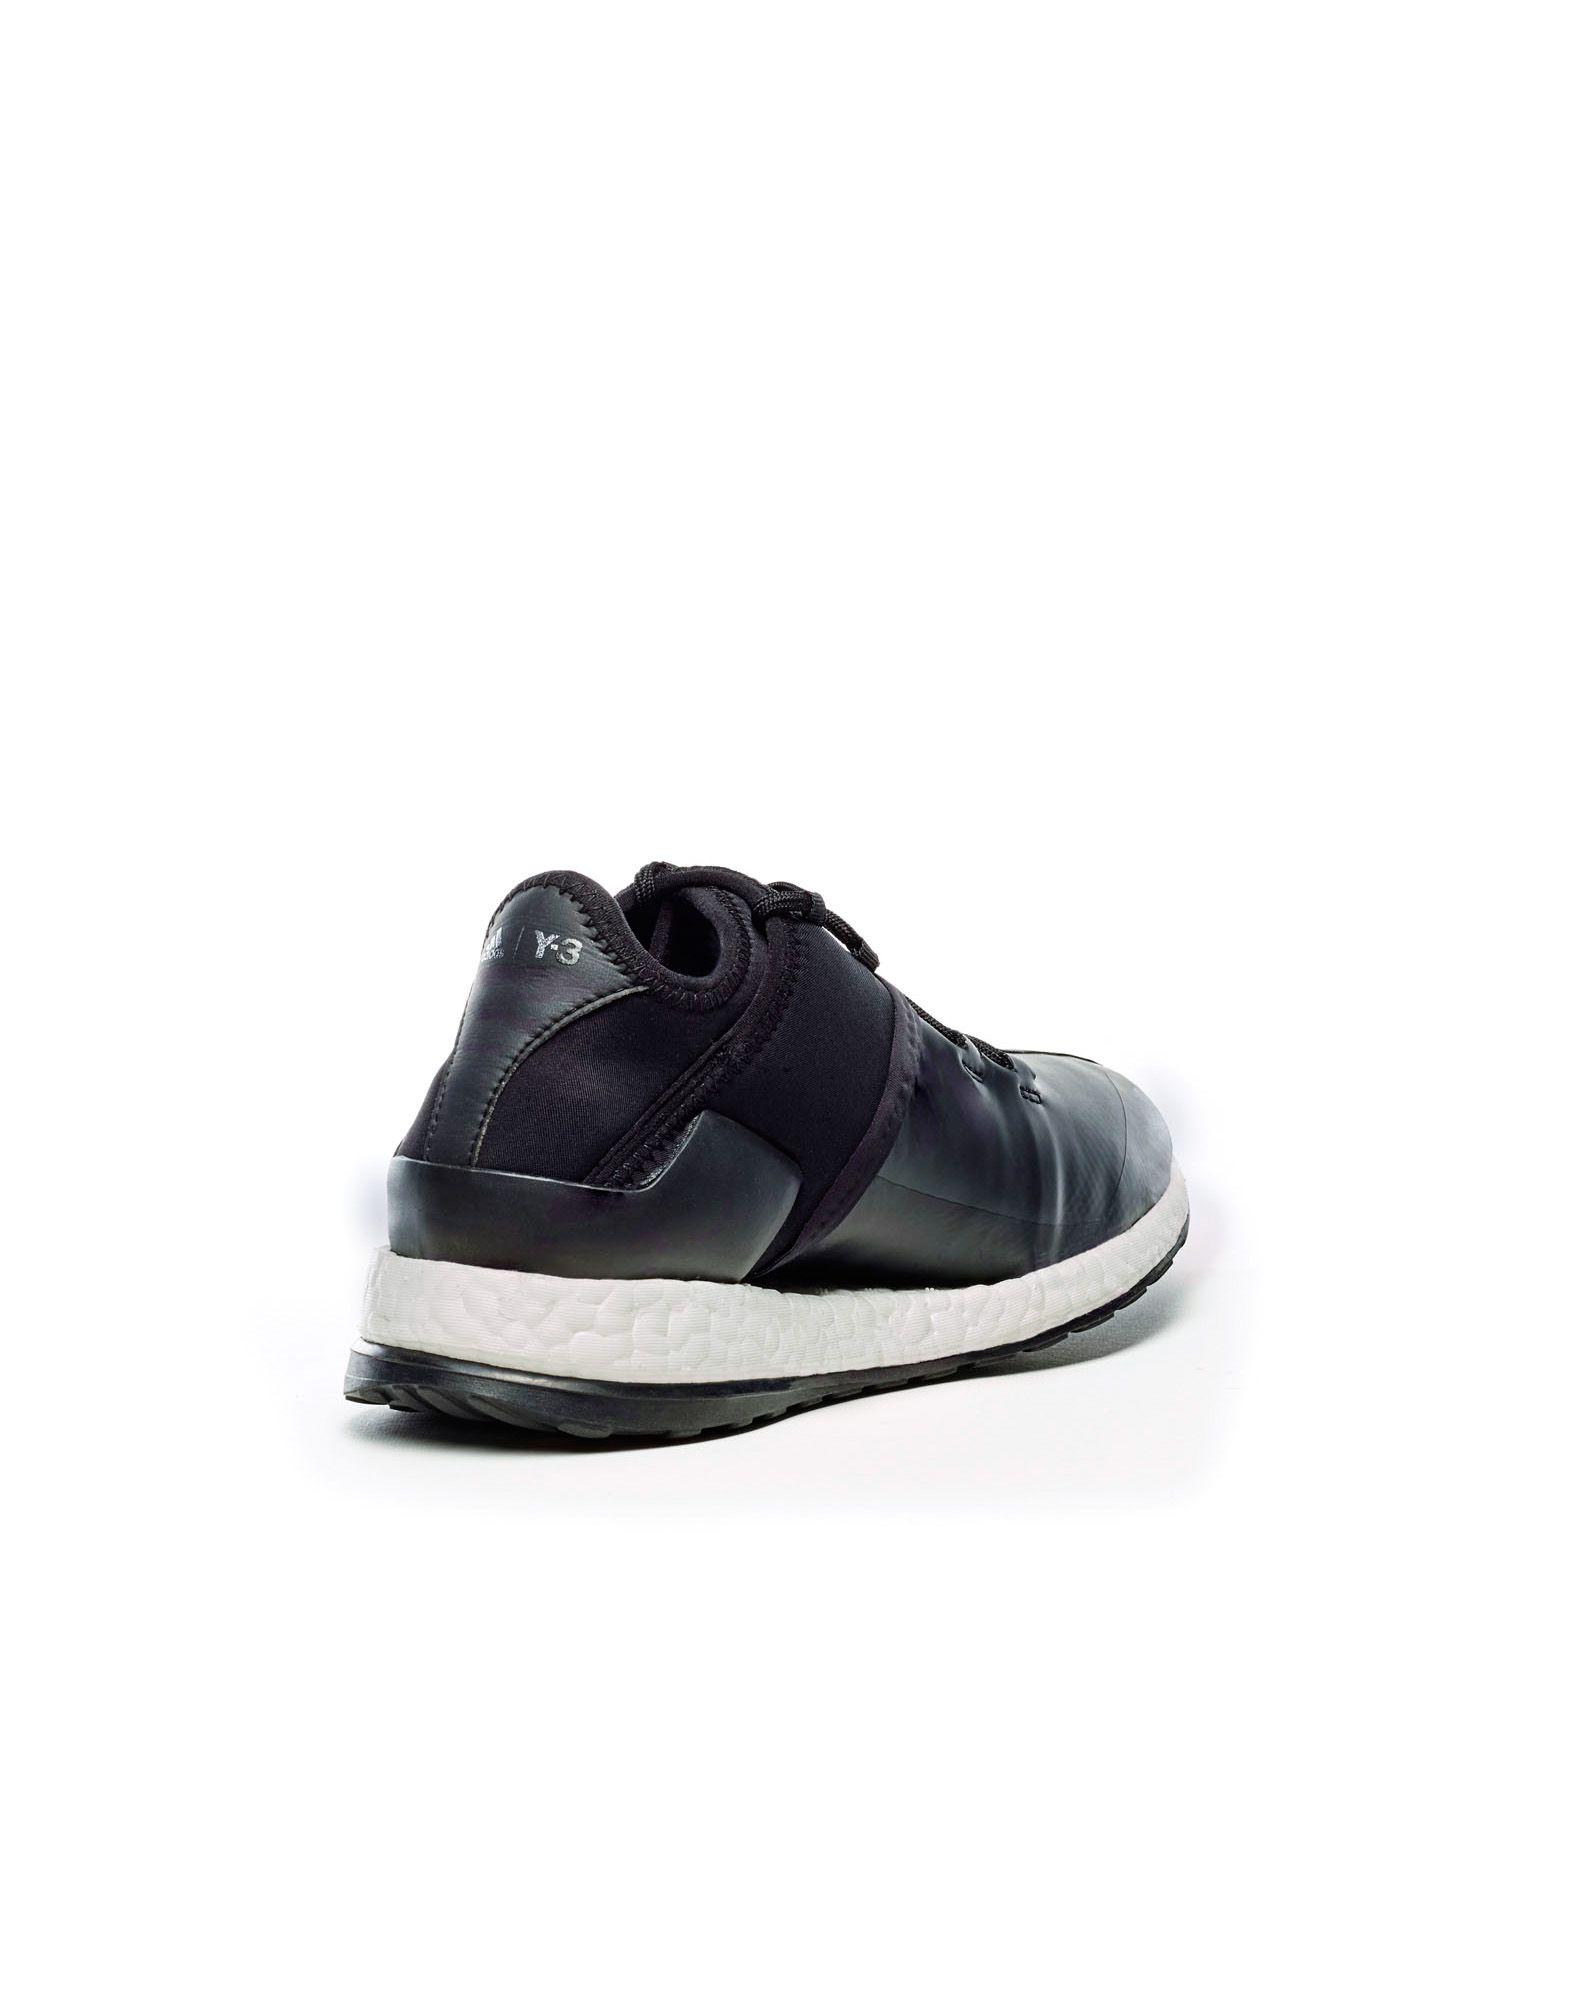 eb8a8610e634 ... Y-3 SPORT Y-3 SPORT RUN X Sneakers Woman ...